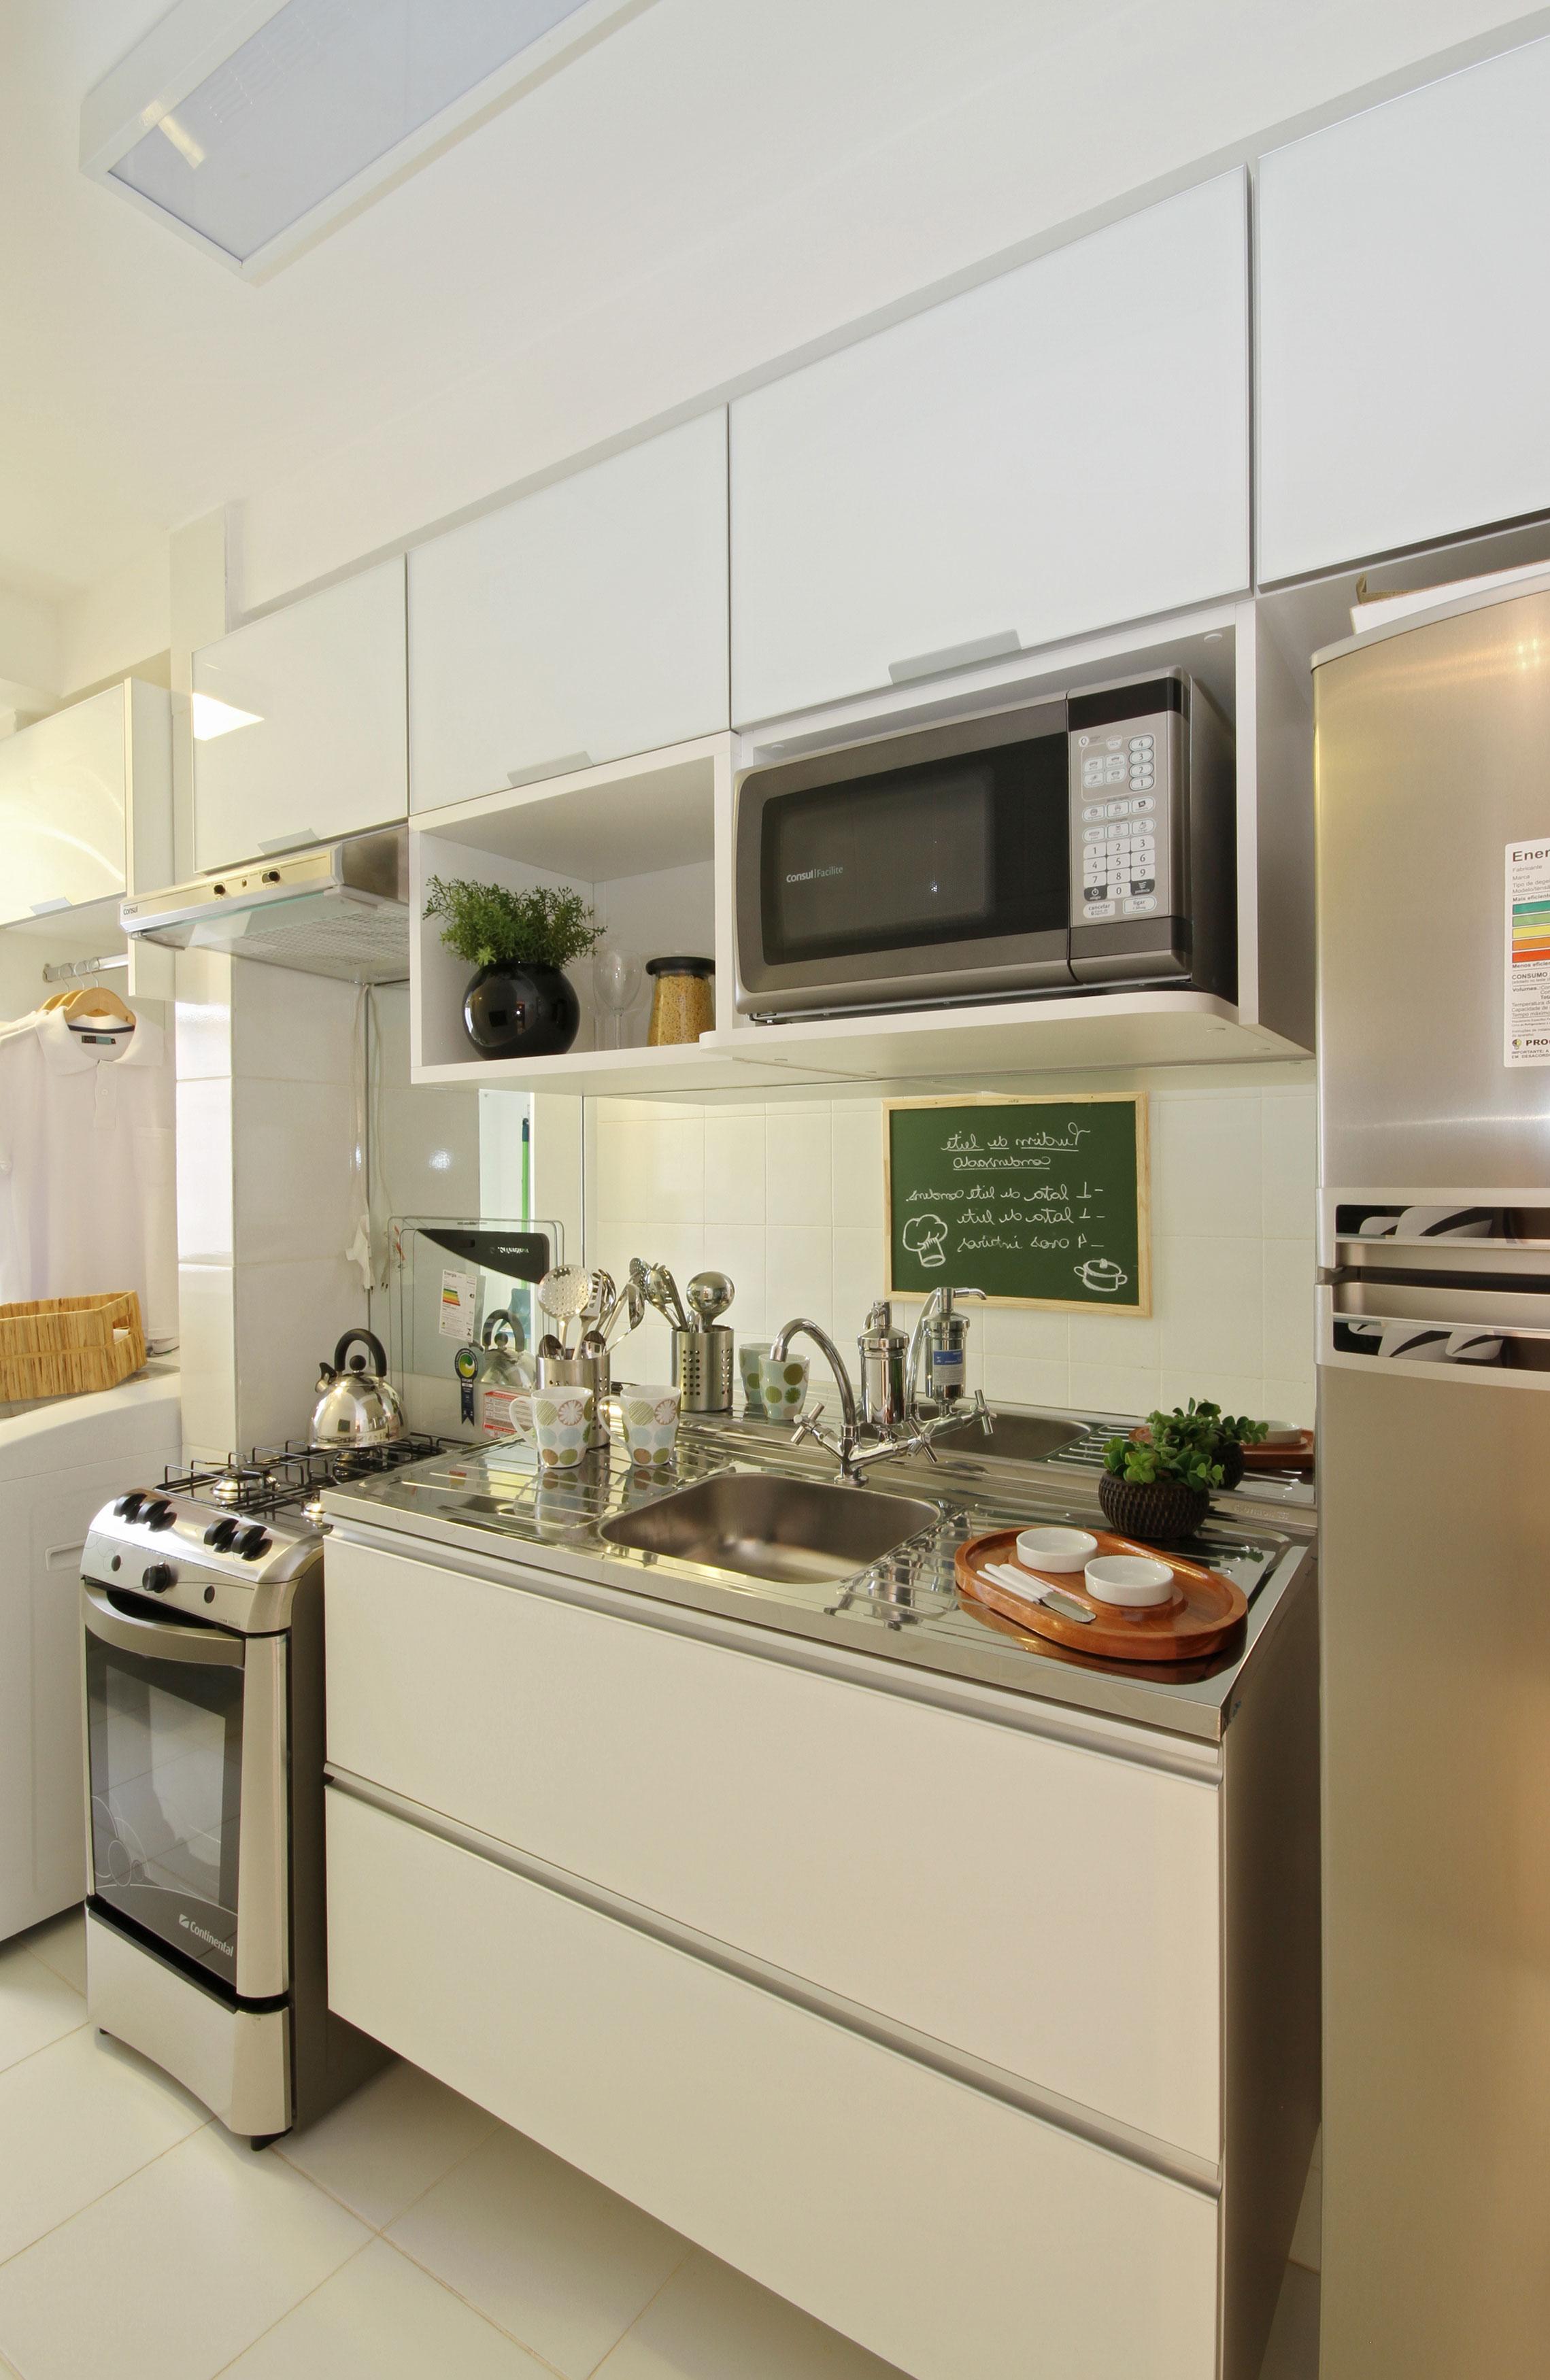 68,07 m² - Cozinha